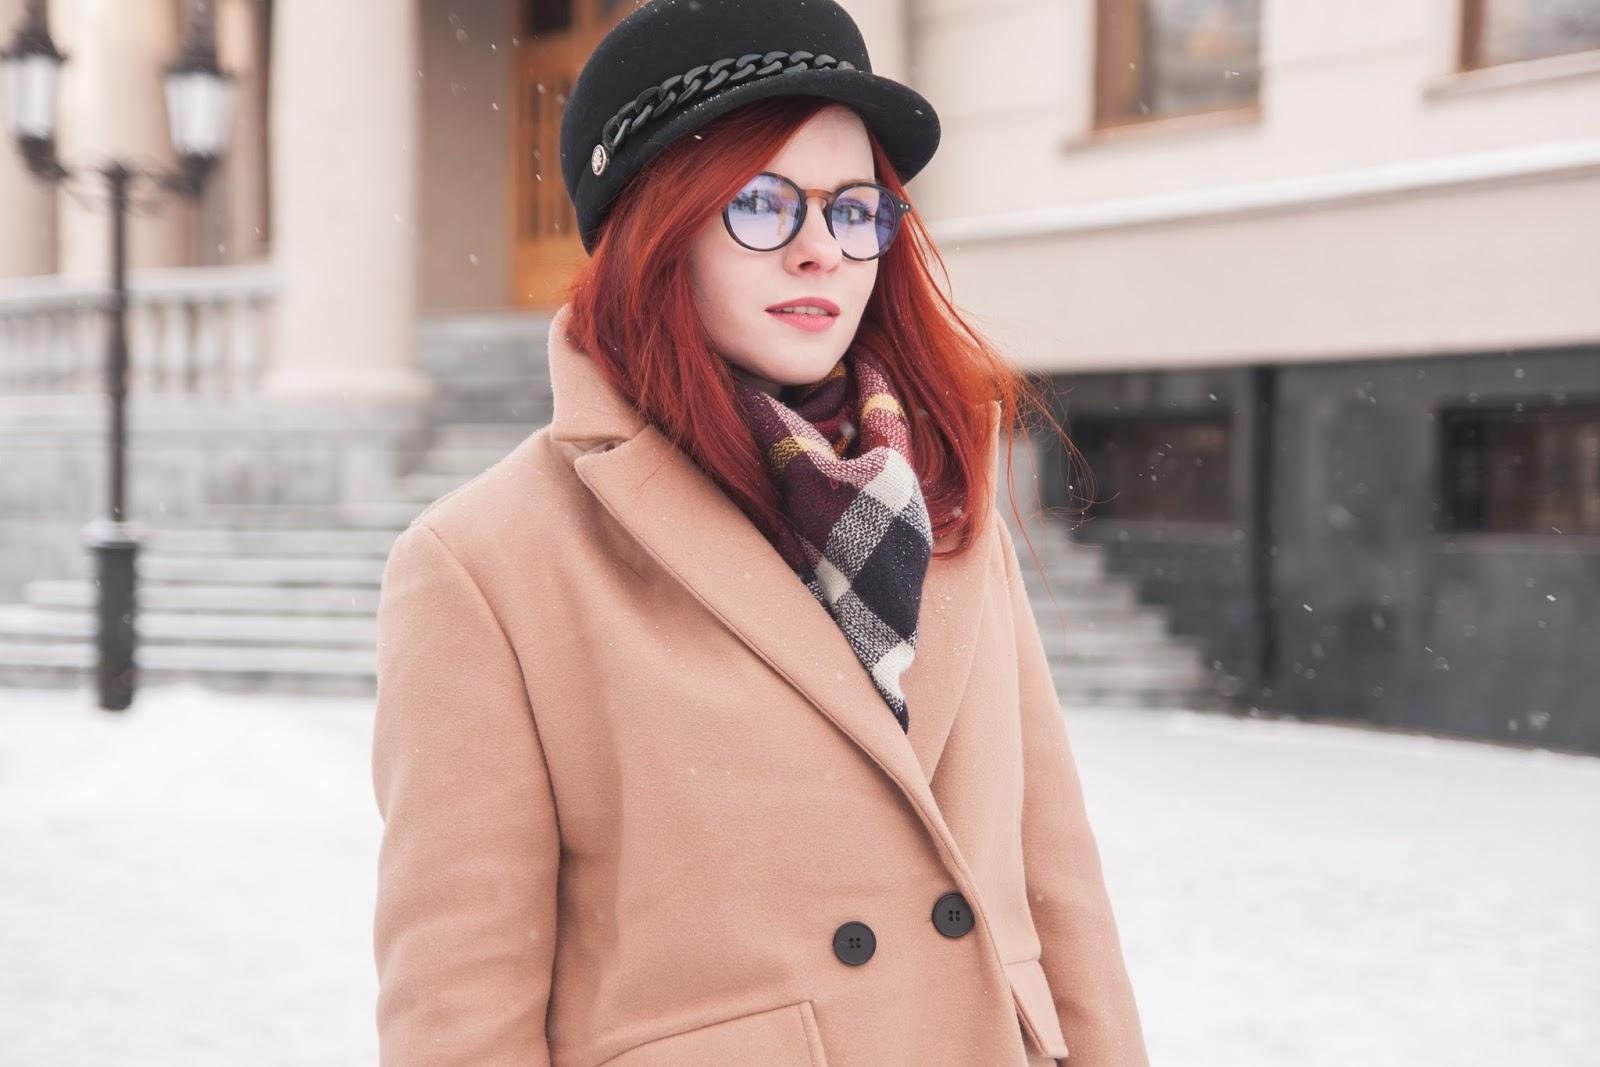 http://www.recklessdiary.ru/2018/02/kazan-chto-posmotret-bezhevoe-palto-zaful-otzyvy-na-russkom.html